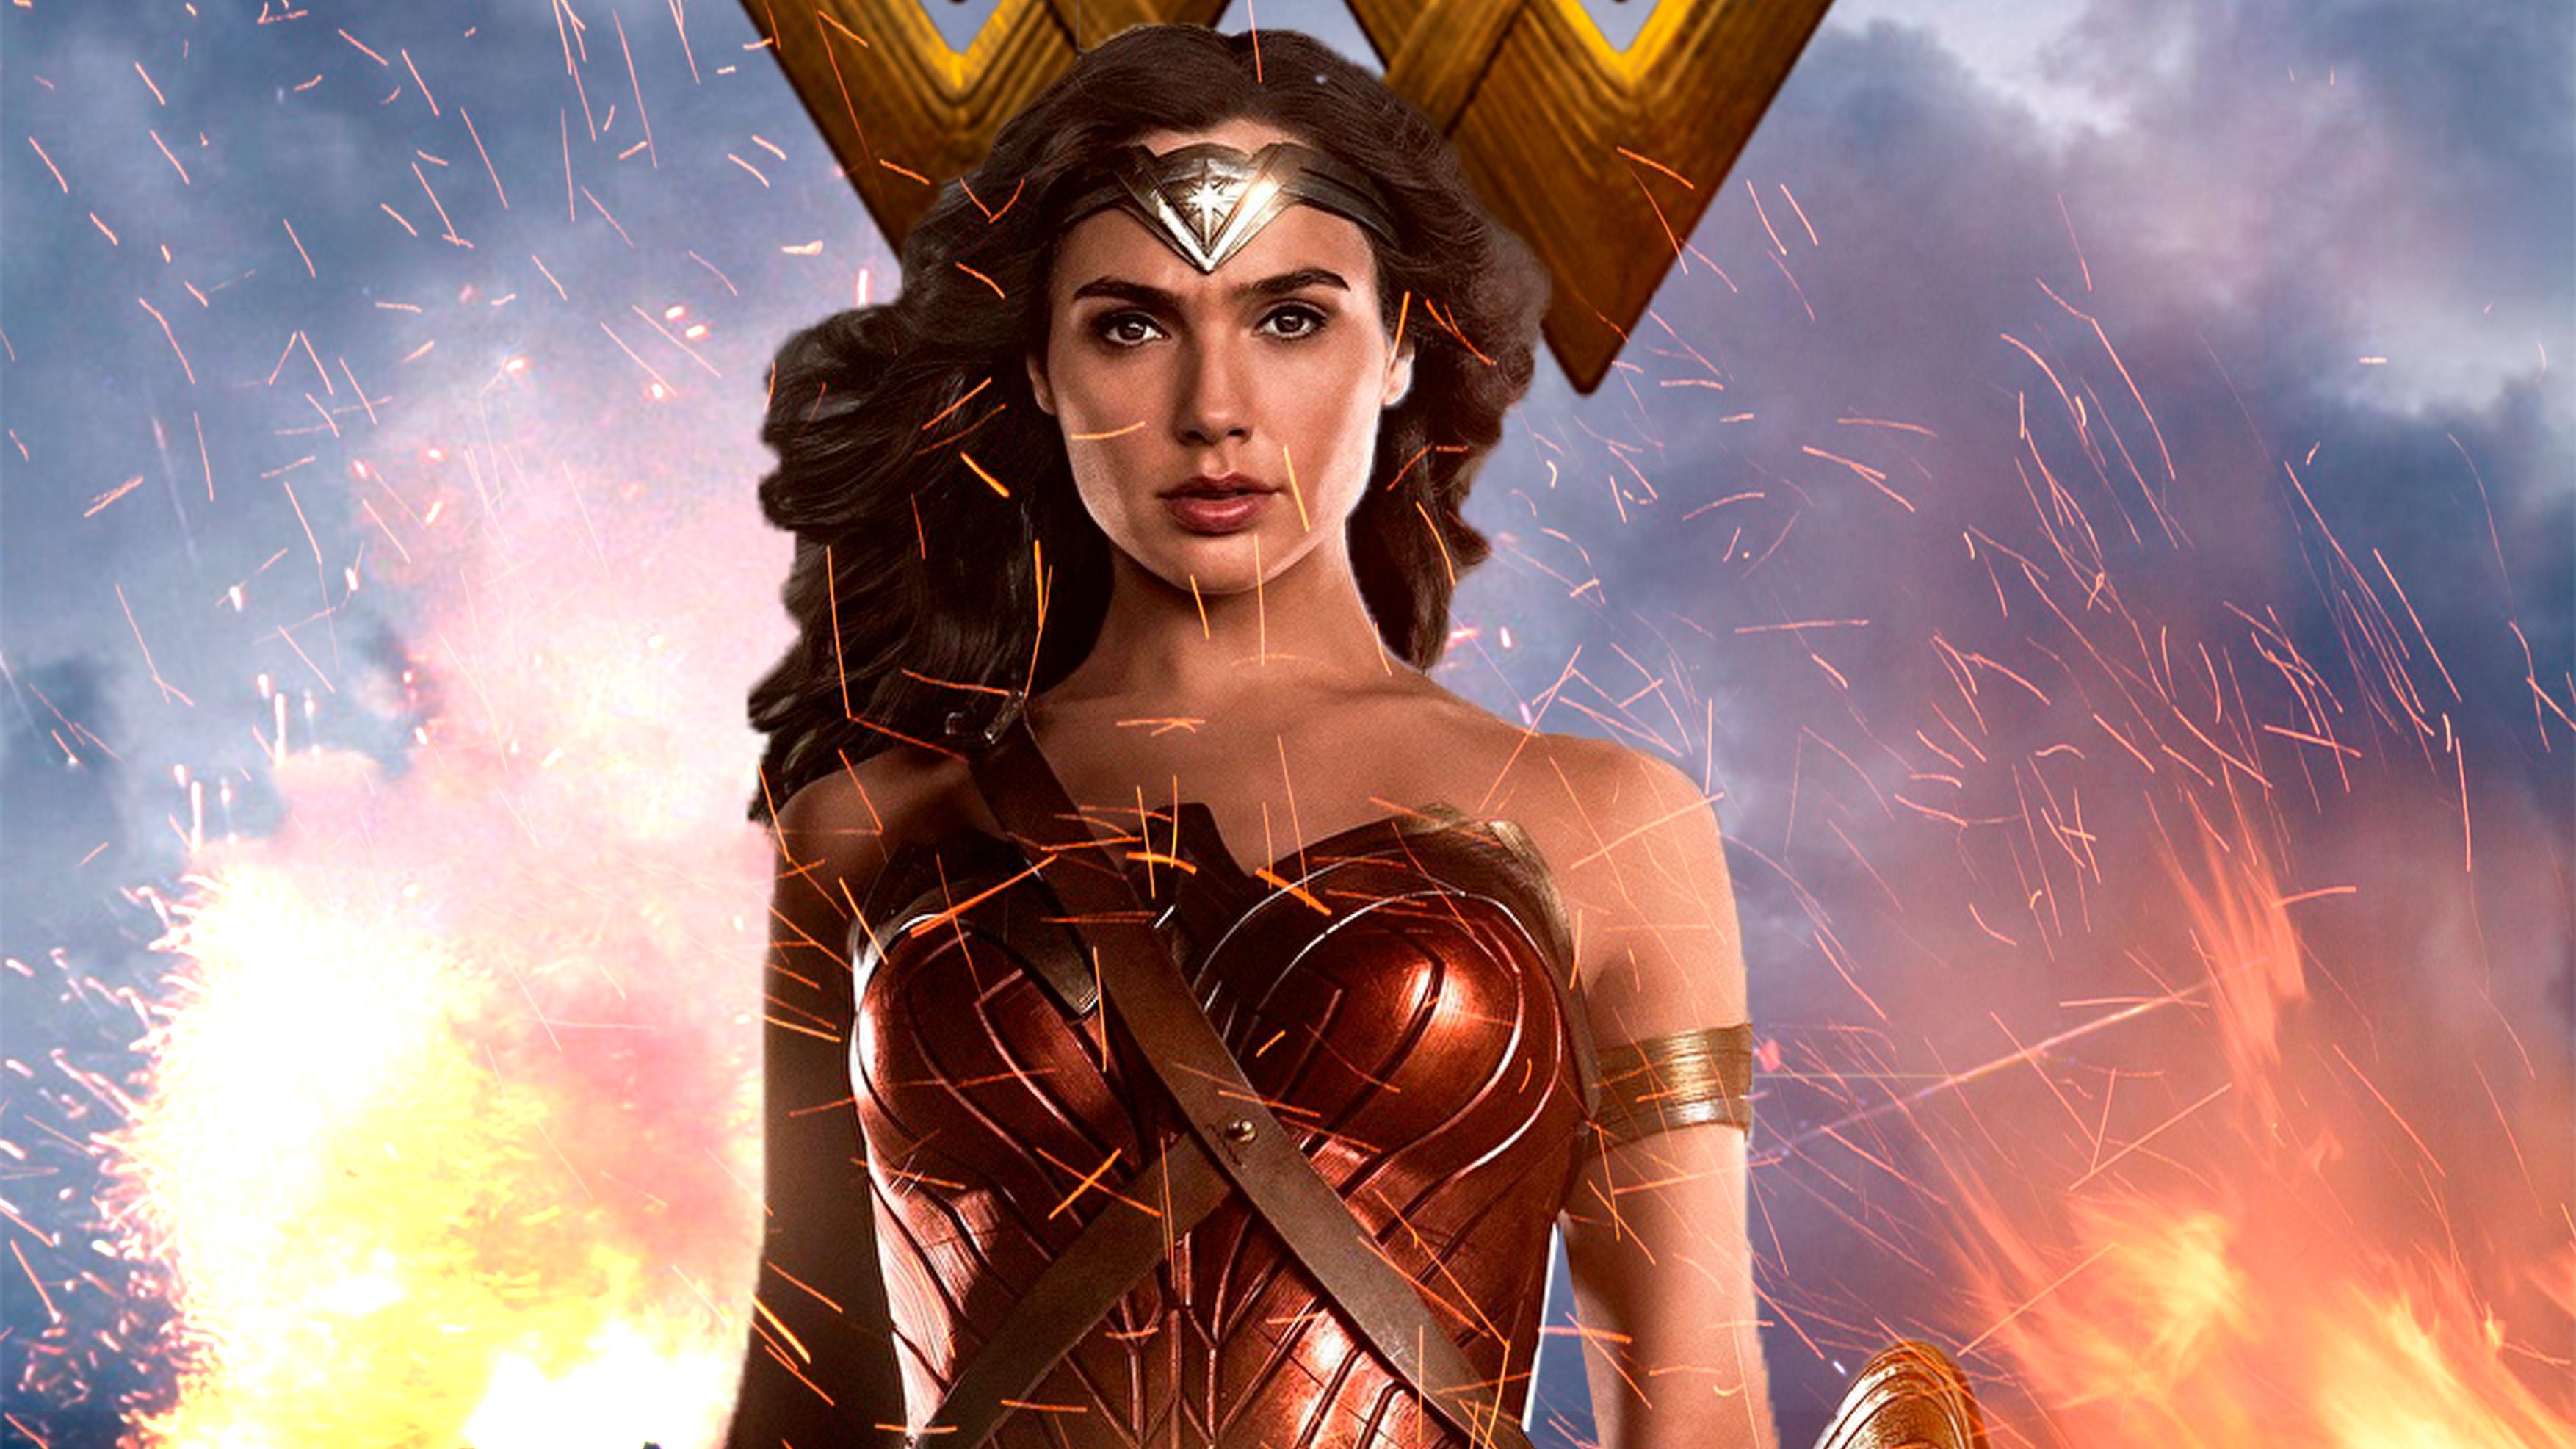 Gal Gadot Wonder Woman New 4k Hd Movies 4k Wallpapers: 1920x1080 Wonder Woman Gal Gadot New 4k Laptop Full HD